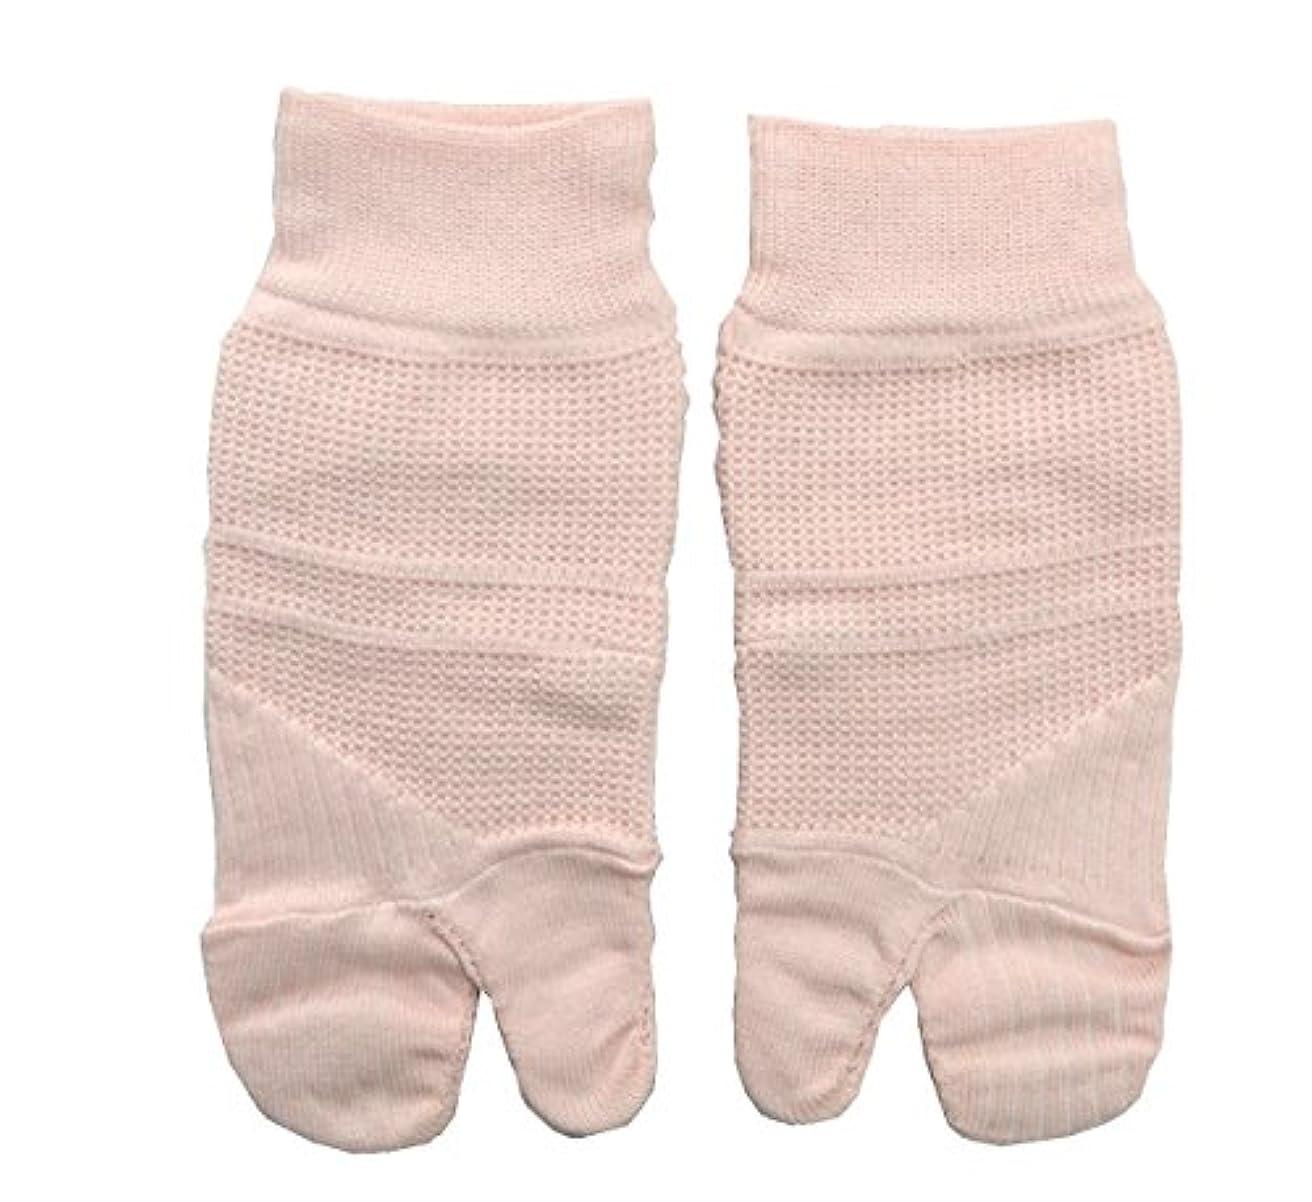 幽霊海外で入り口外反母趾対策靴下(通常タイプ) コーポレーションパールスター?広島大学大学院特許製品